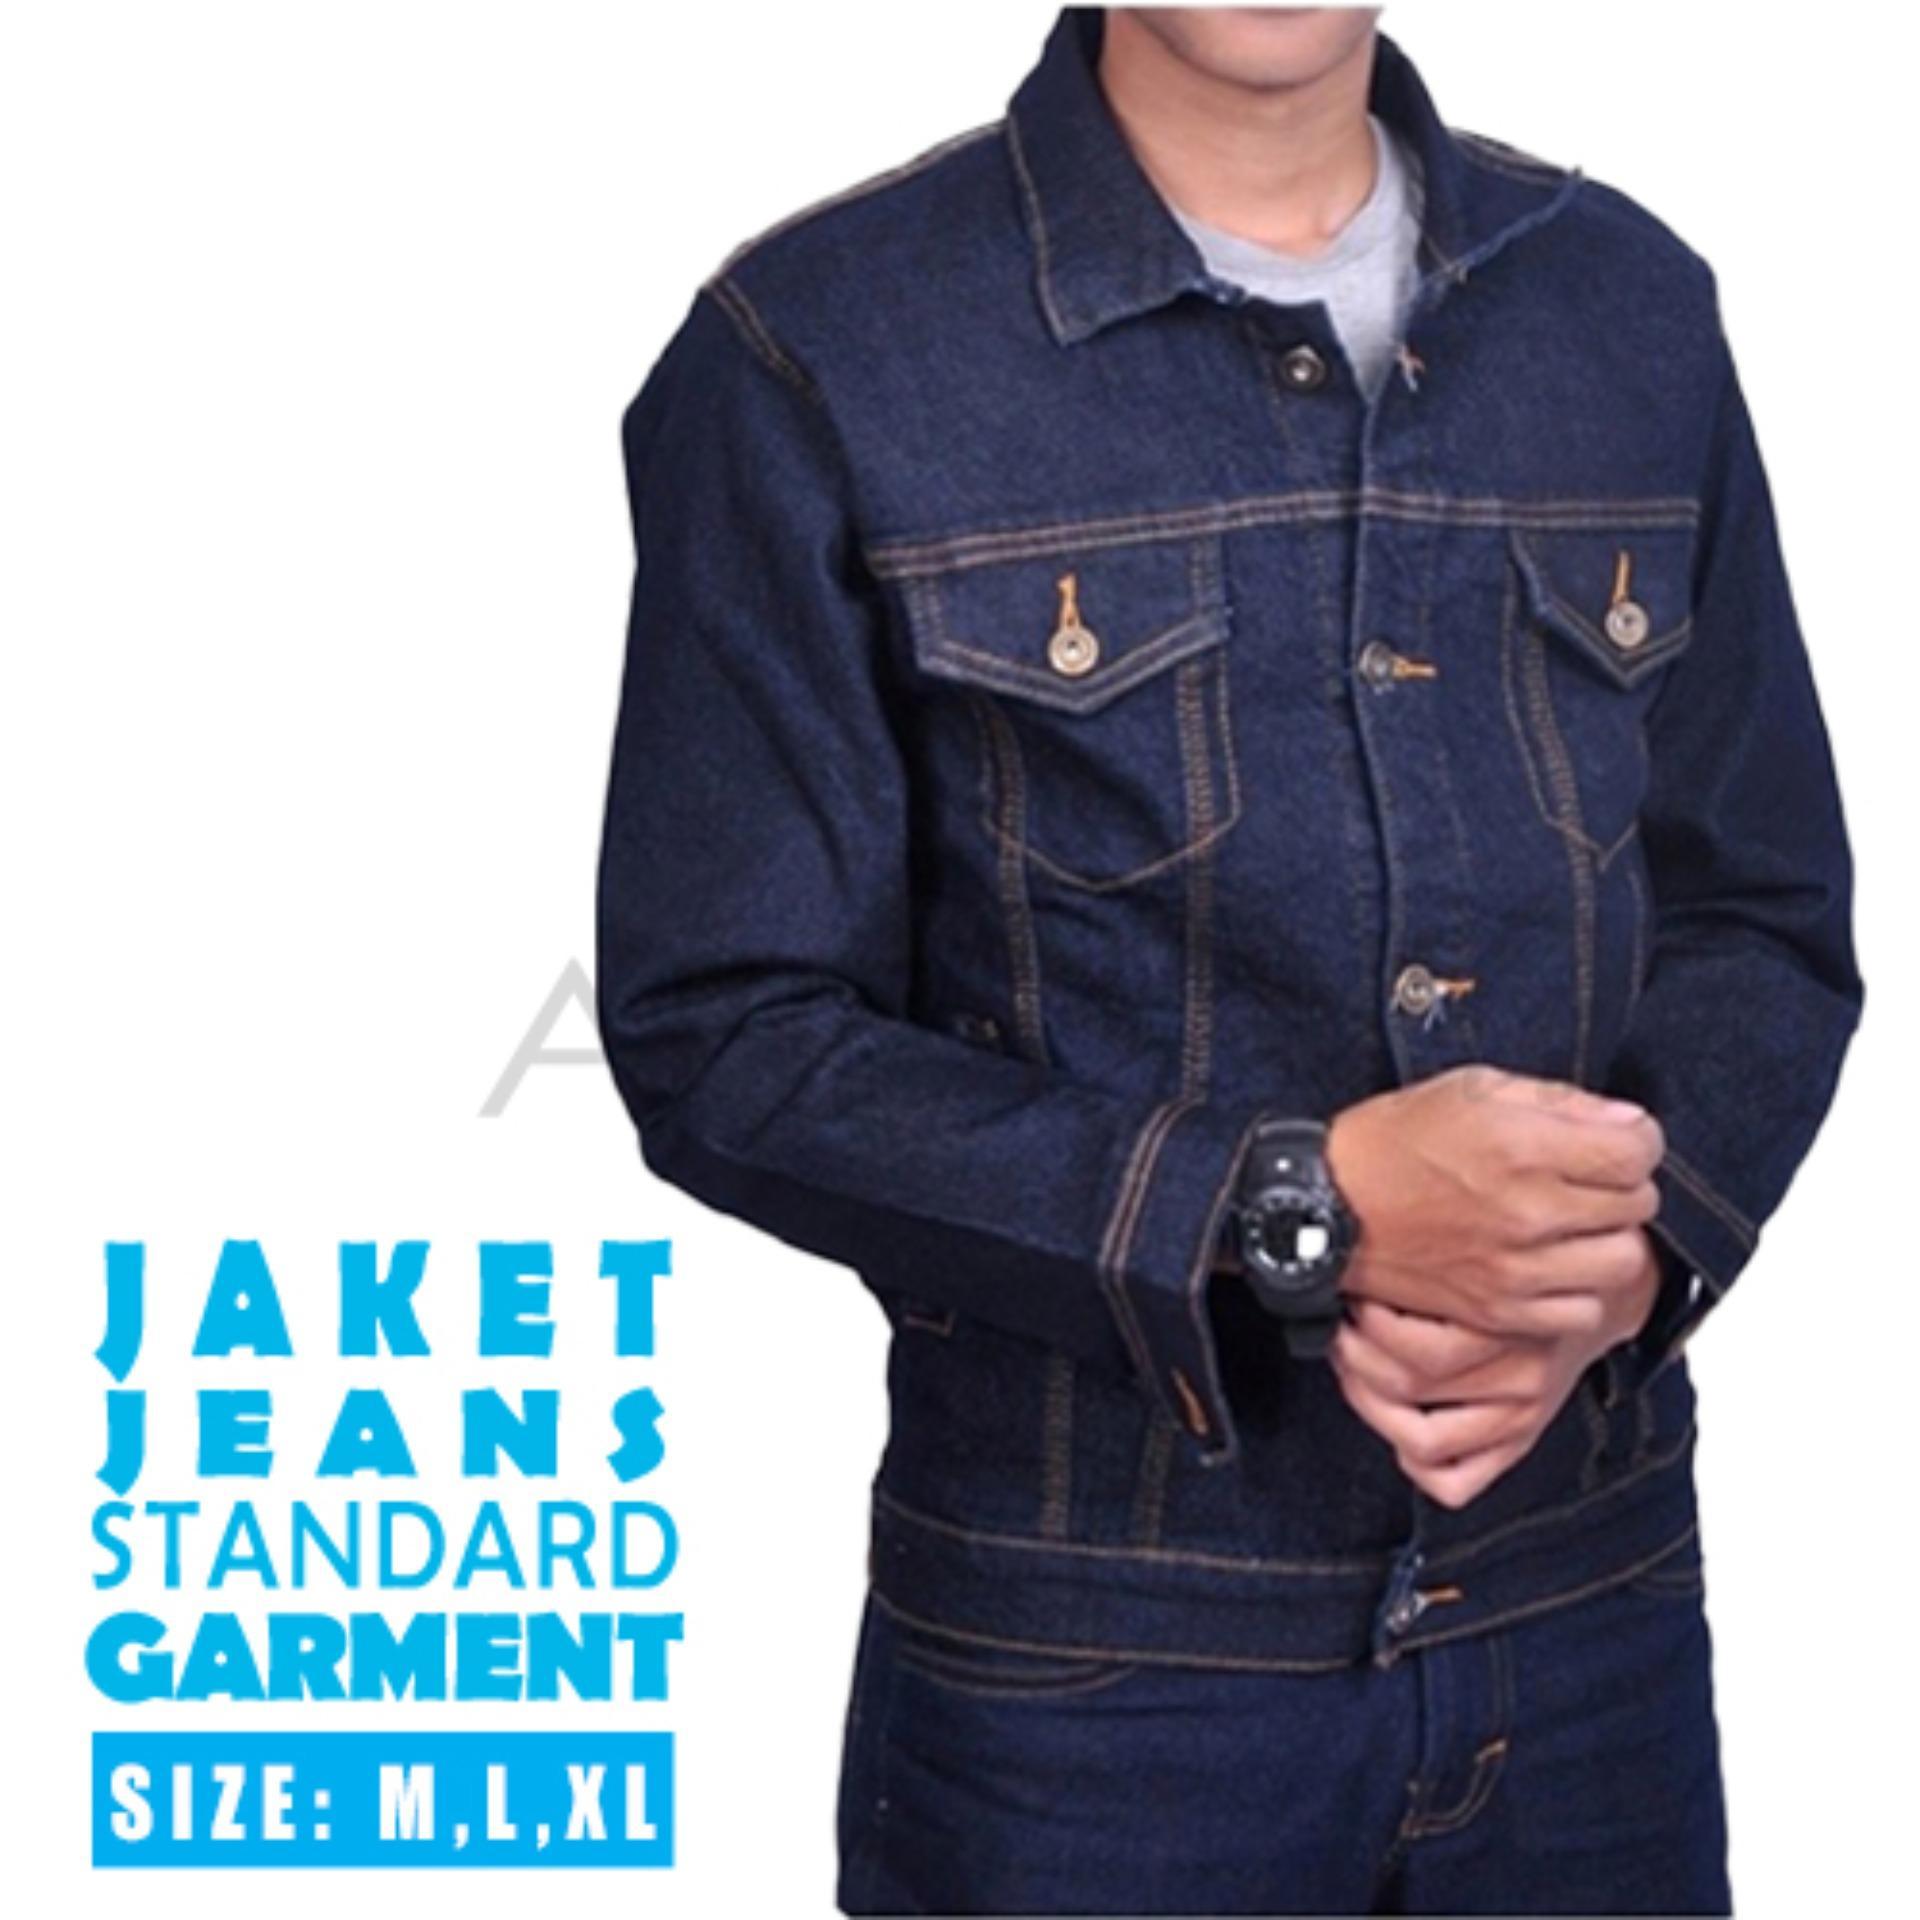 AHF Jaket Jeans Denim Pria  - Biru Tua